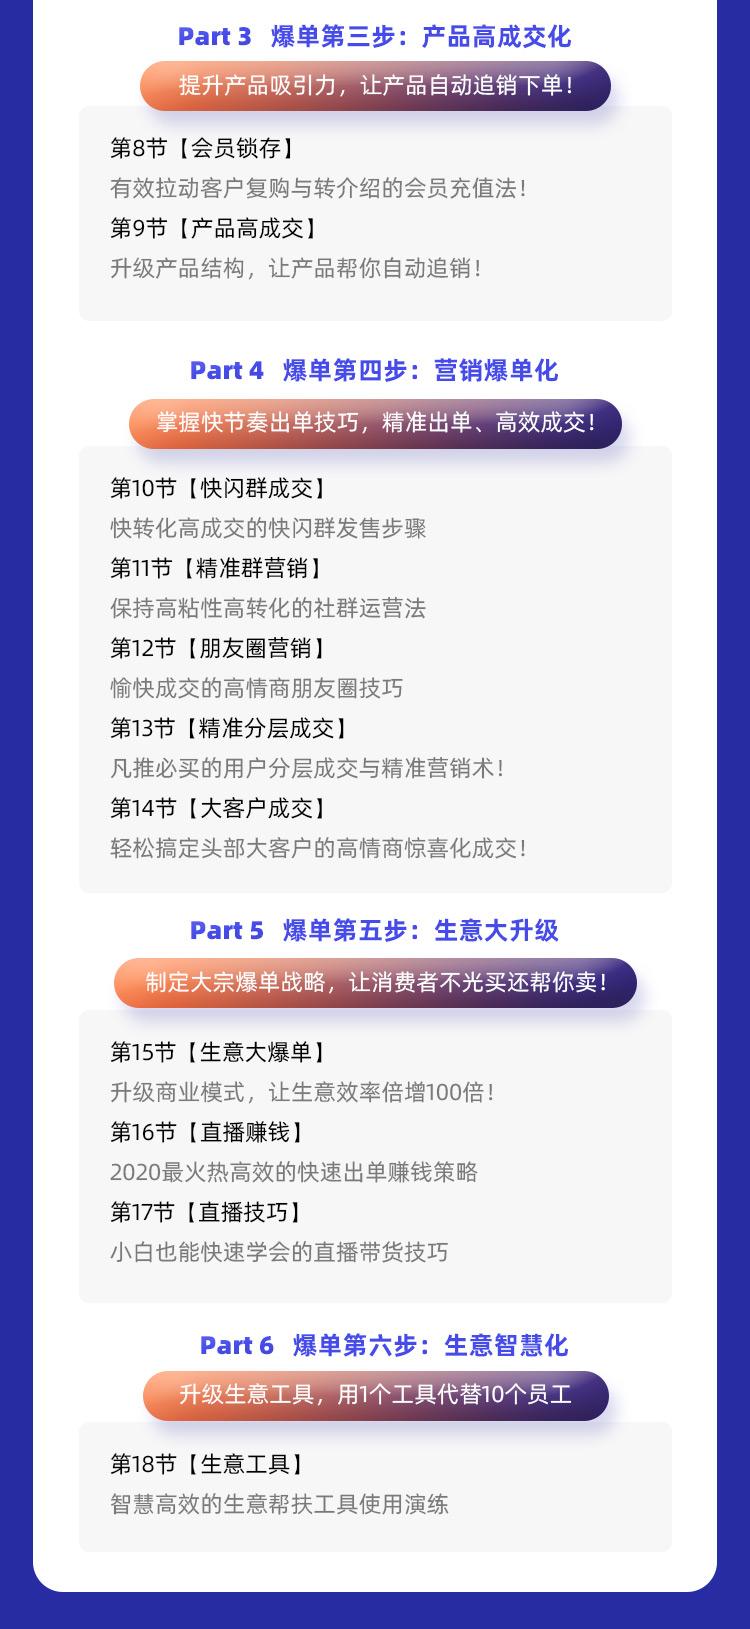 http://mtedu-img.oss-cn-beijing-internal.aliyuncs.com/ueditor/20200713152524_859204.jpg